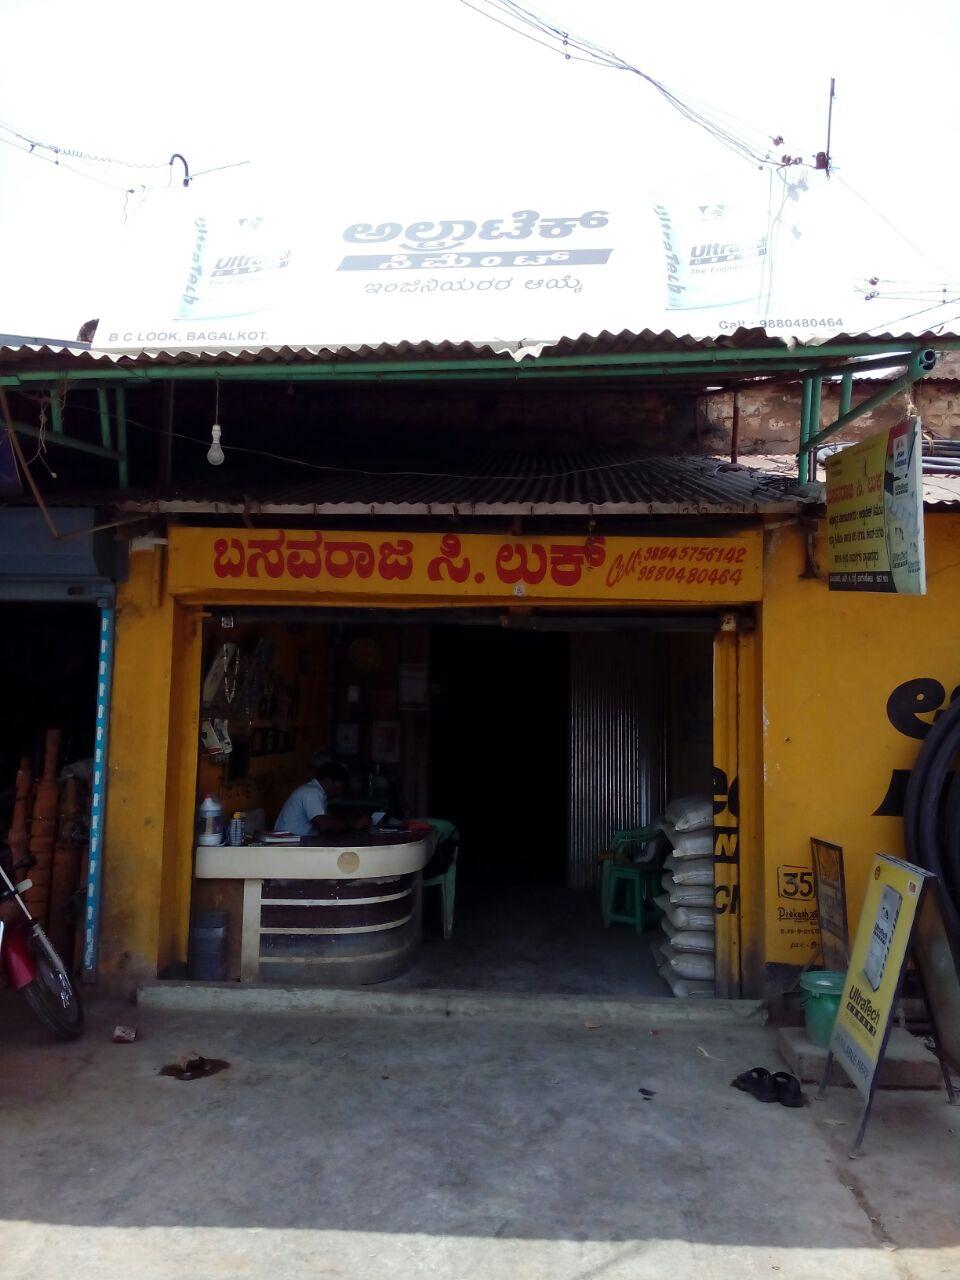 Basavaraj C Look